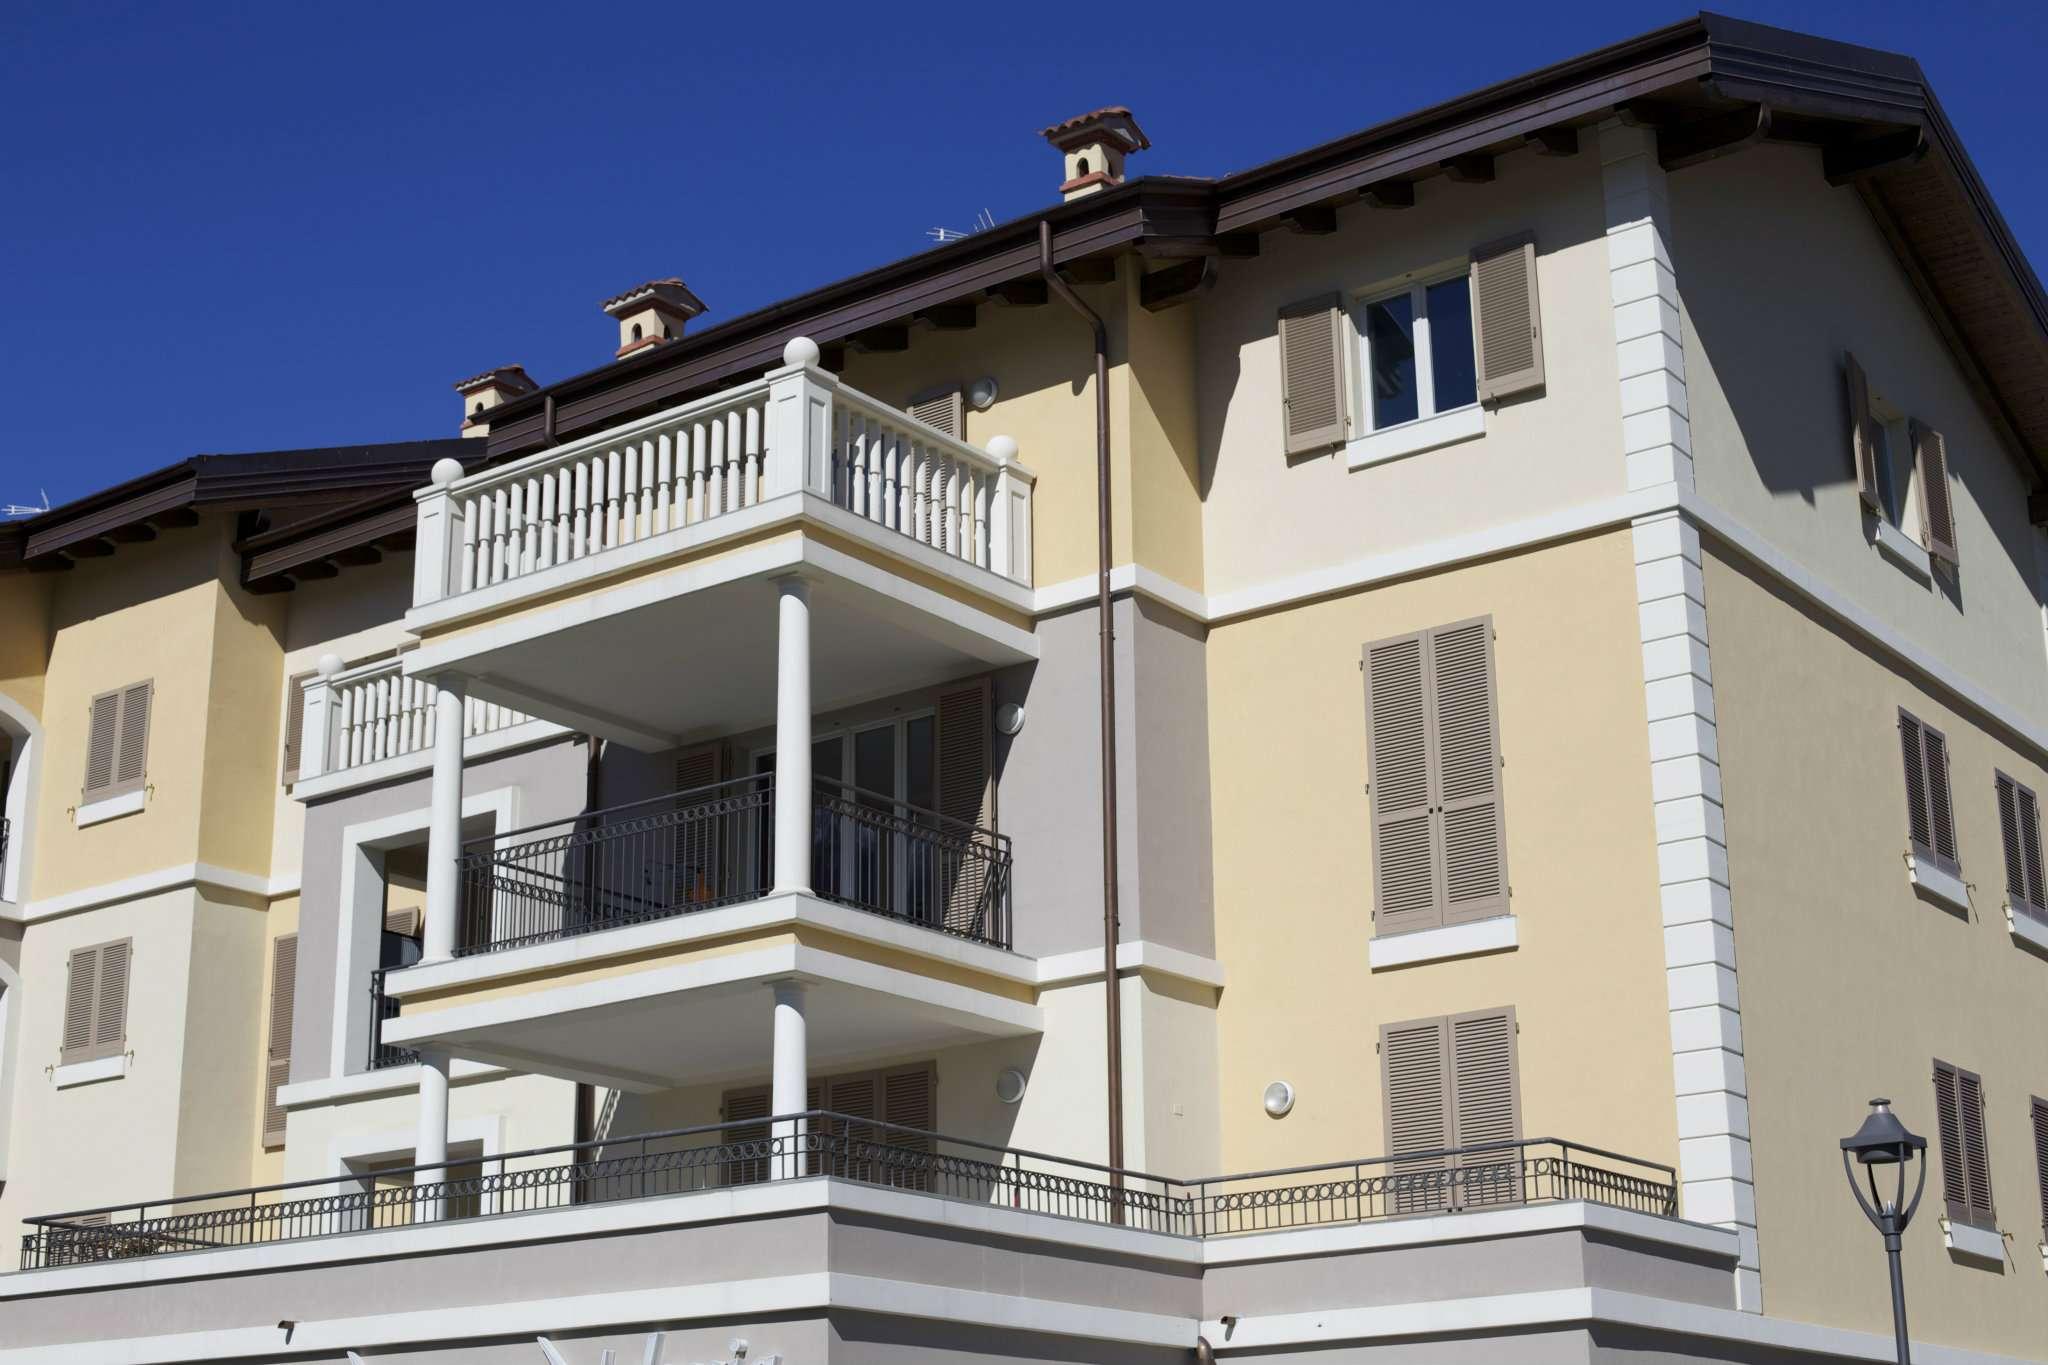 Appartamento in vendita a Varallo, 3 locali, prezzo € 180.000 | PortaleAgenzieImmobiliari.it